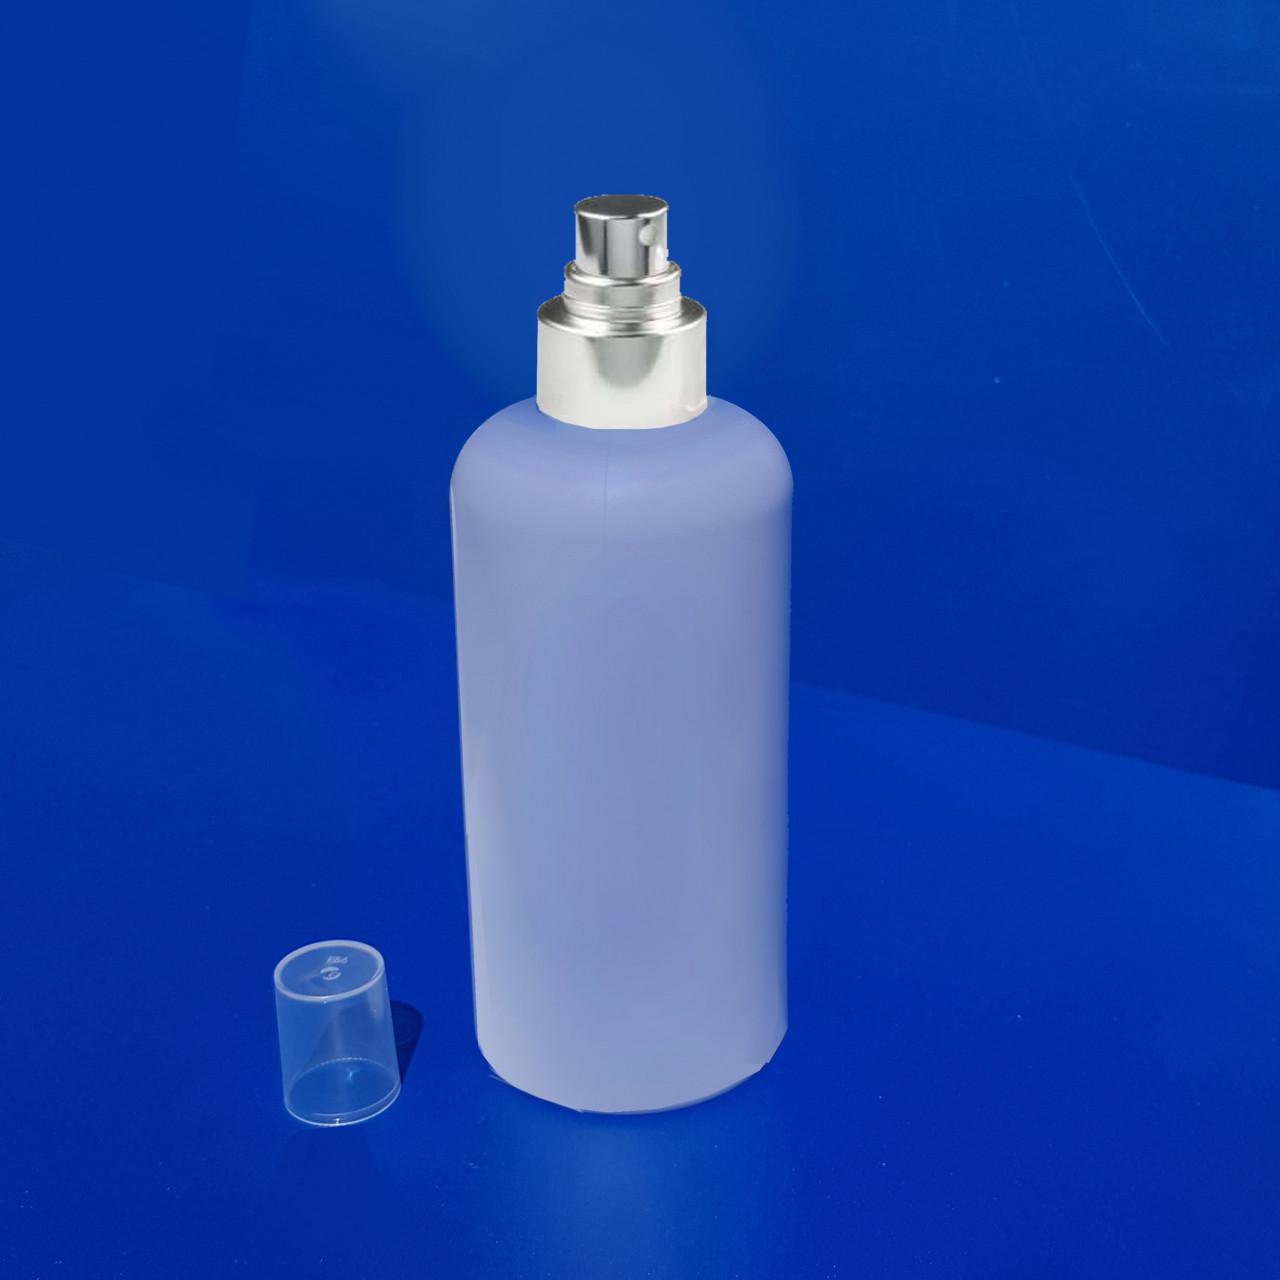 Rundflasche 250 ml |mit Fine-Spray-Aufsatz